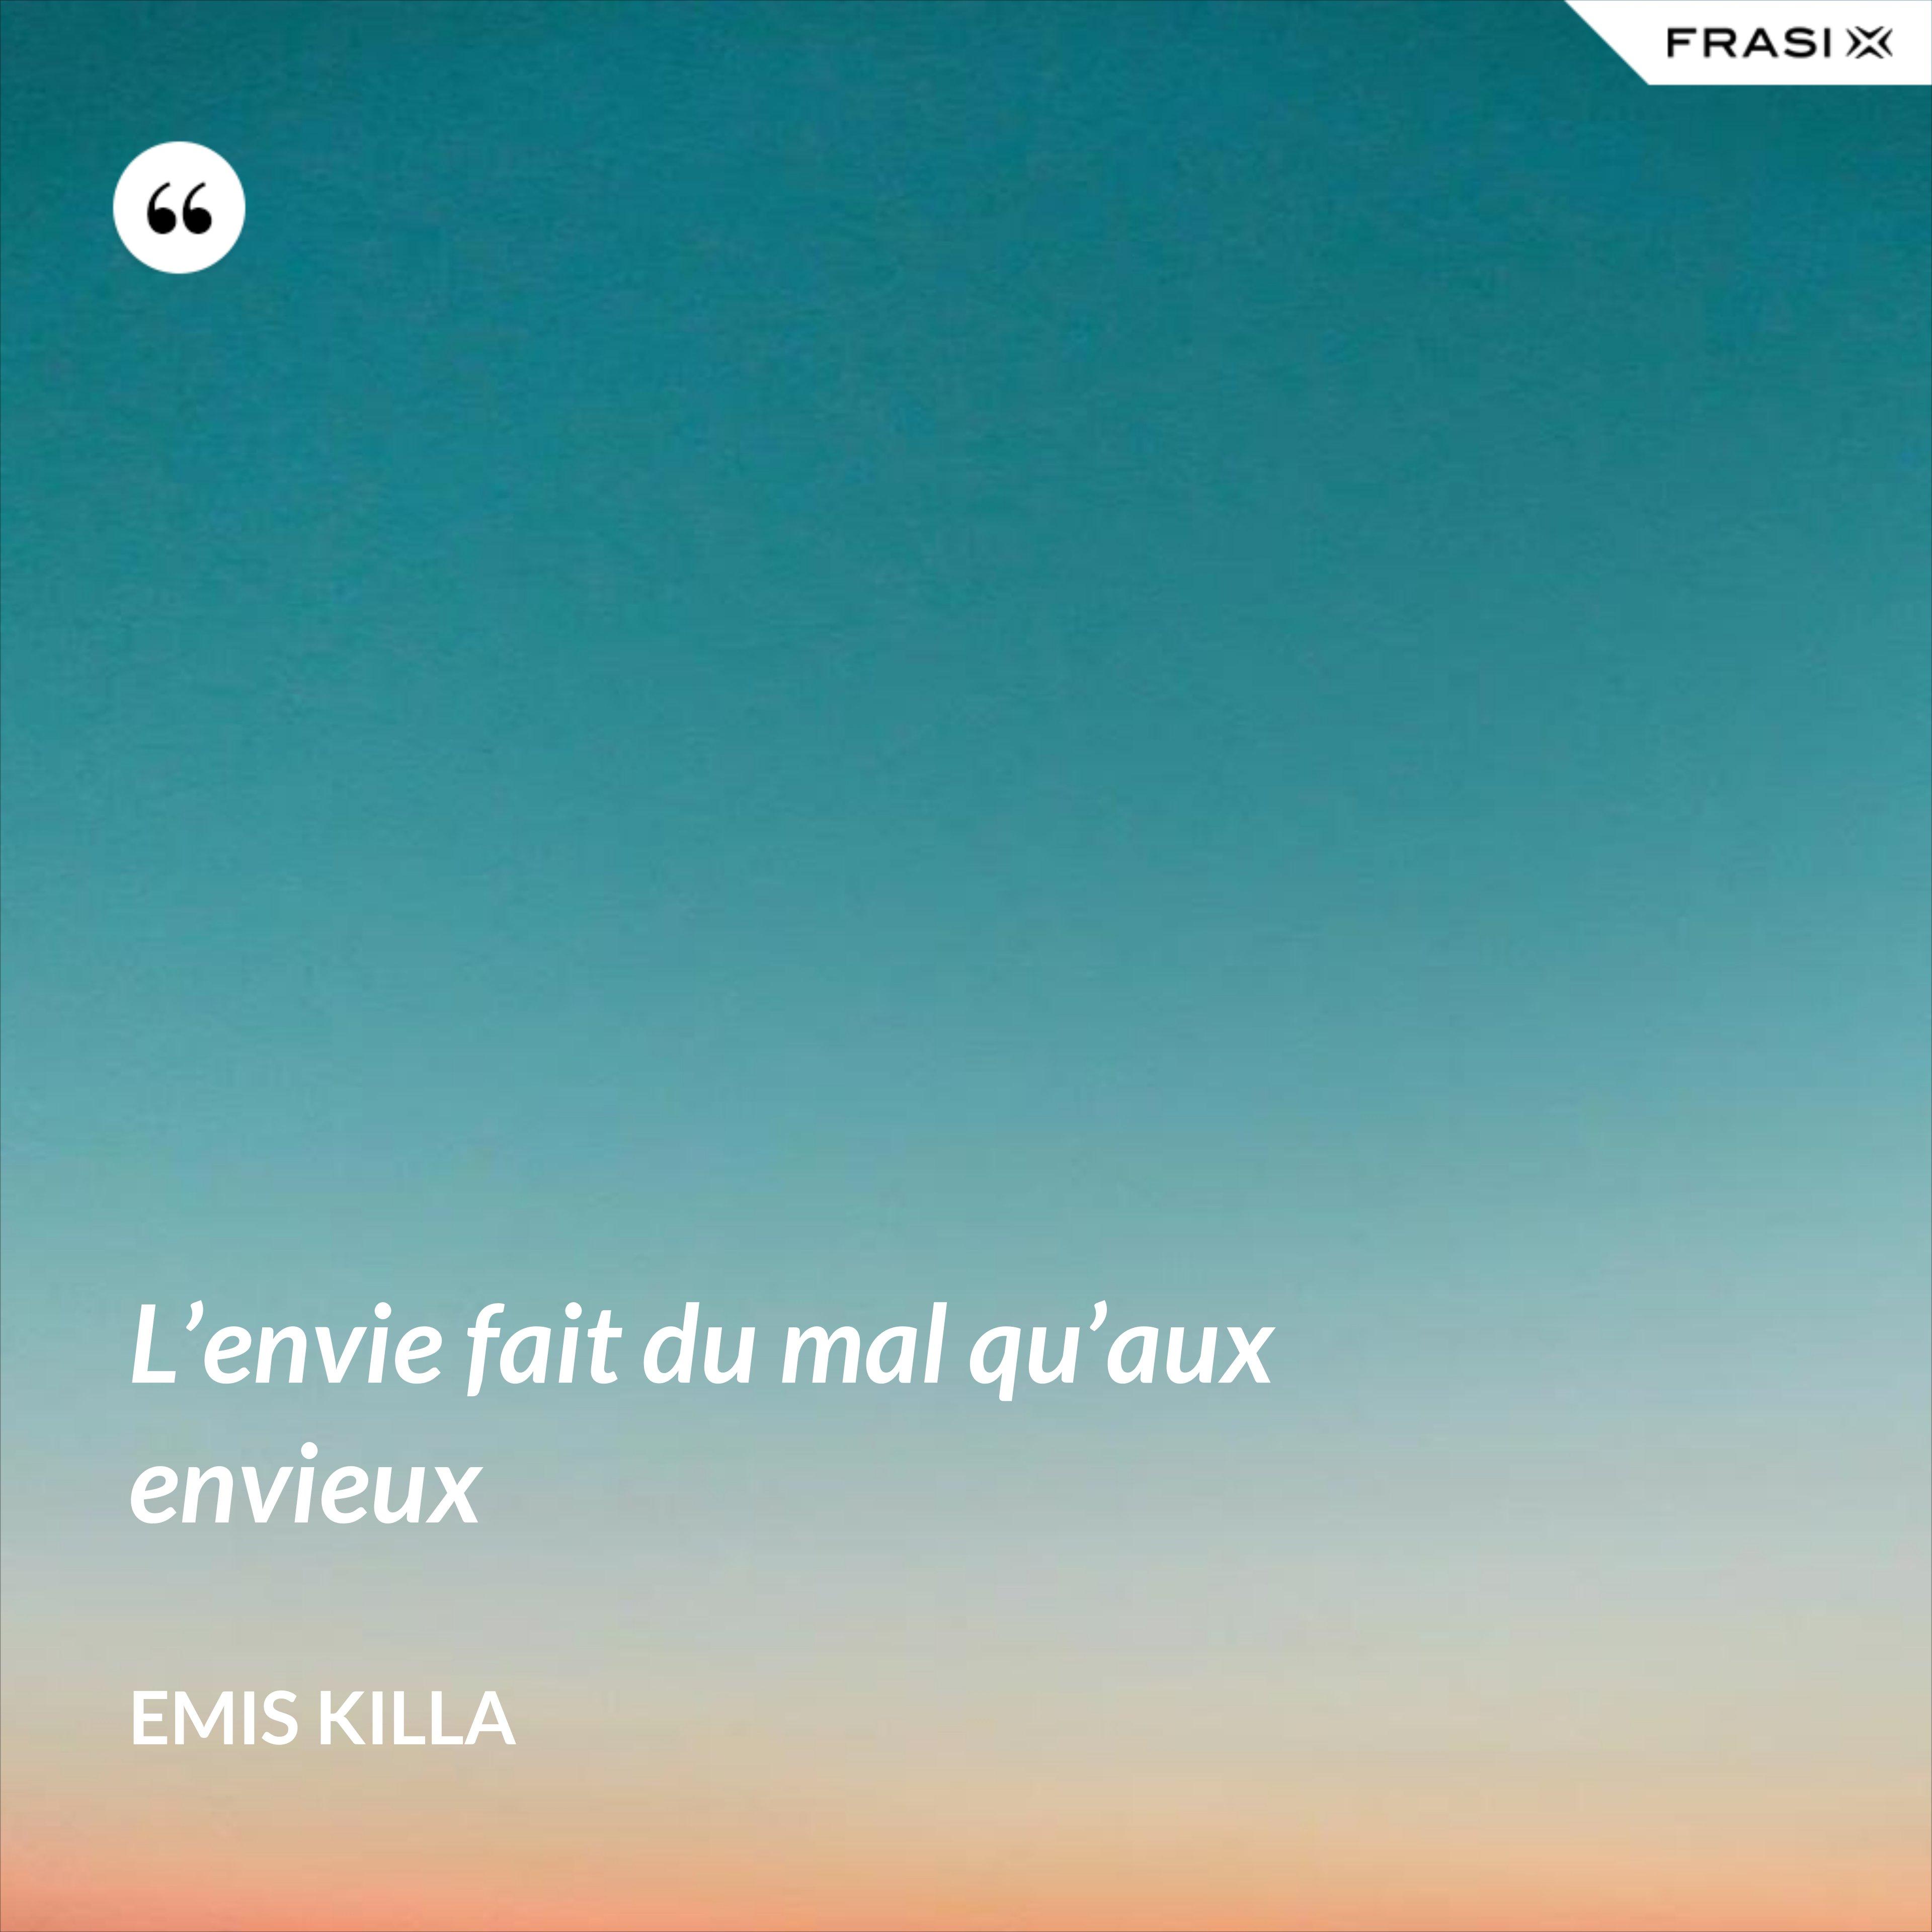 L'envie fait du mal qu'aux envieux - Emis Killa